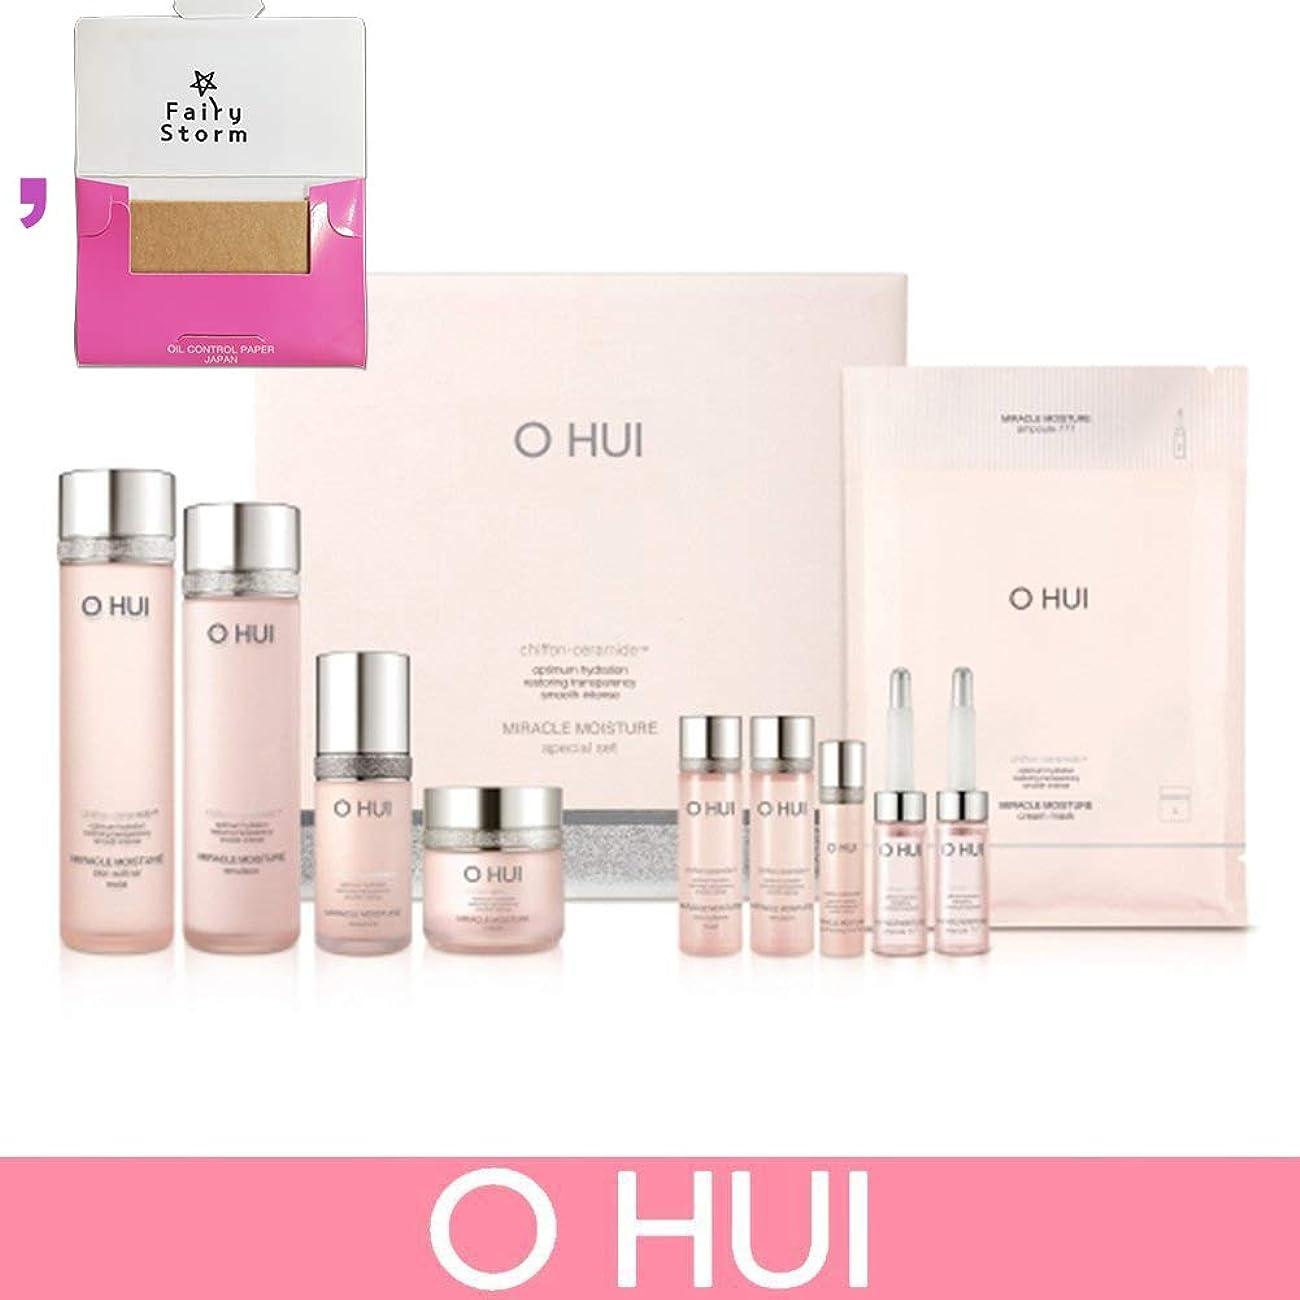 犯人育成好きである[オフィ/O HUI]韓国化粧品LG生活健康/Miracle Moisture 4 kinds of special set/ミラクルモイスチャー 4種のスペシャルセット+[Sample Gift](海外直送品)